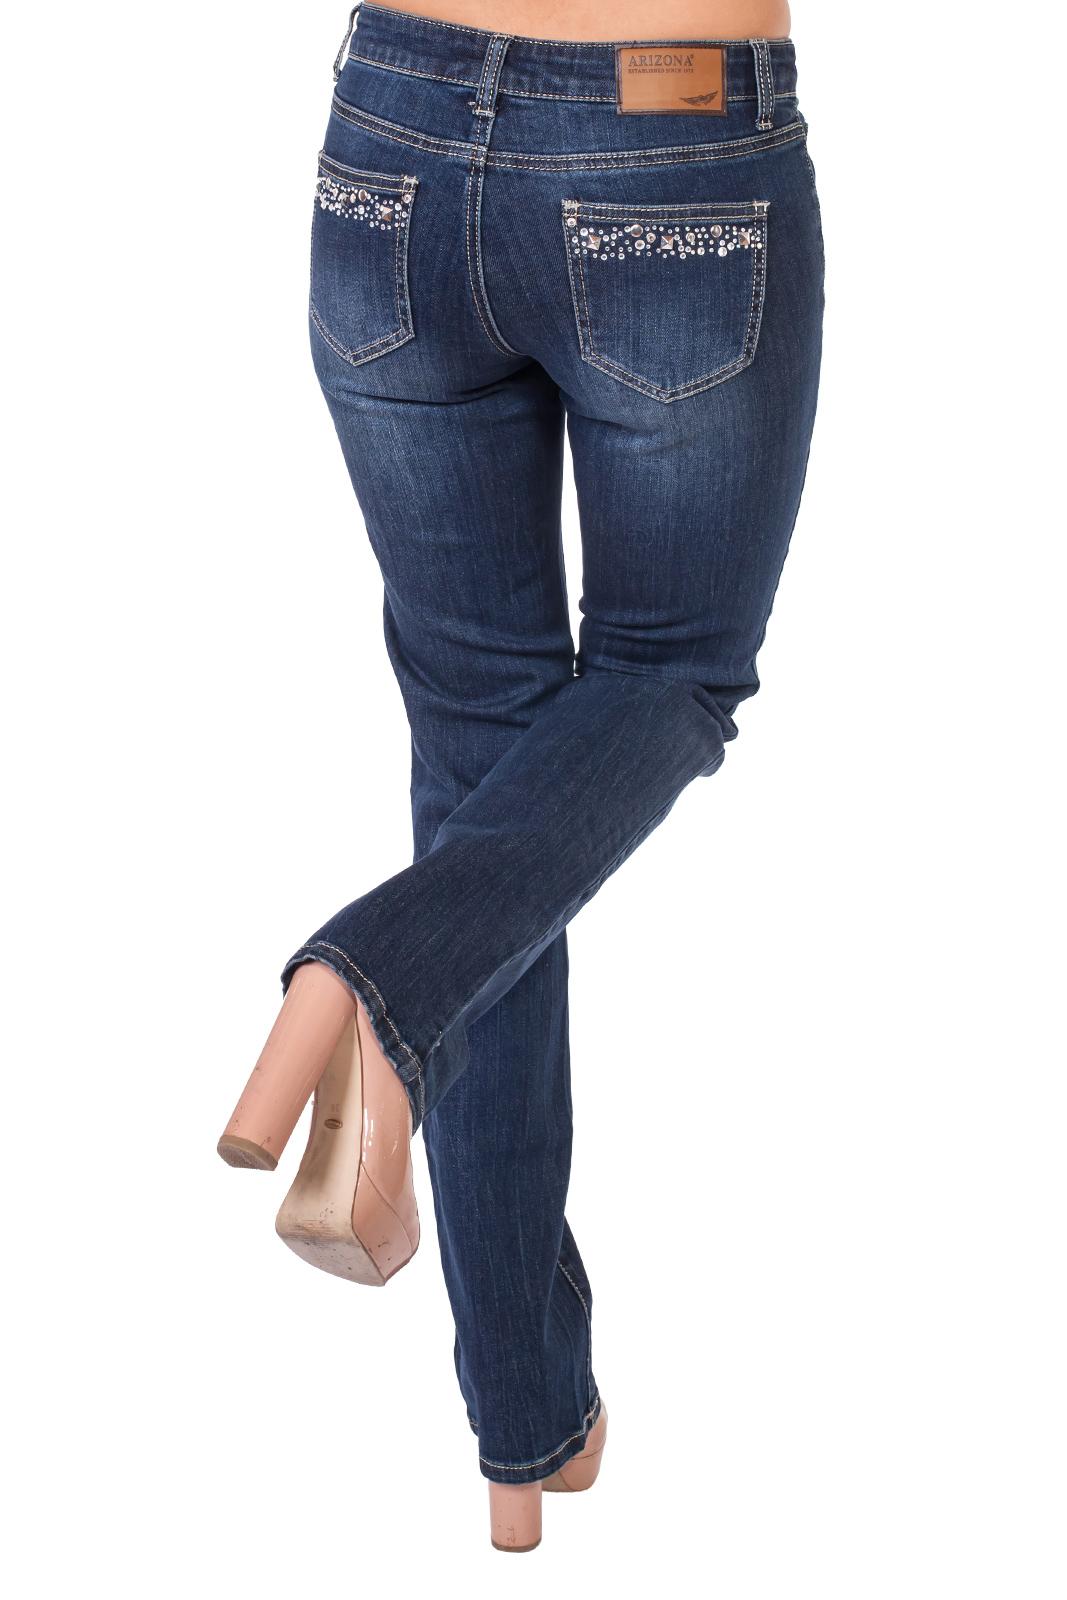 Брендовые женские джинсы ARIZONA.